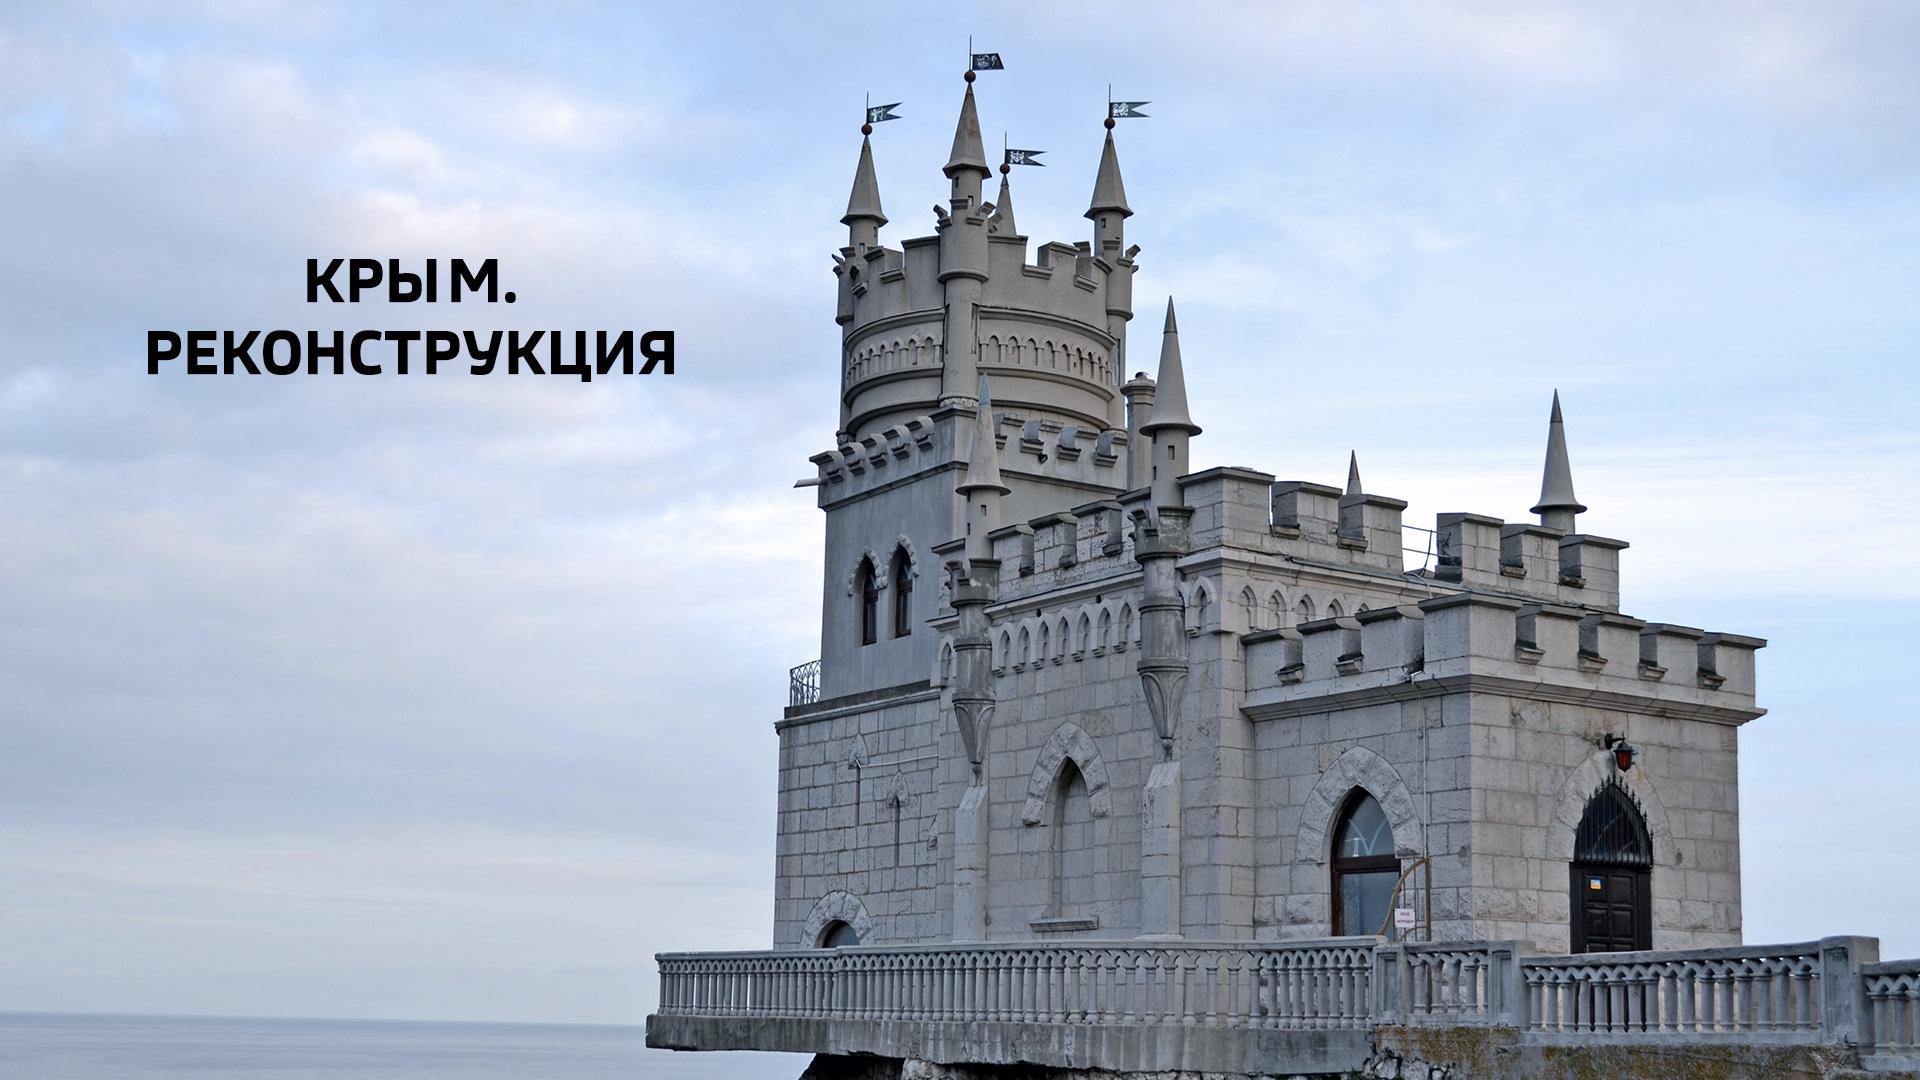 Крым. Реконструкция